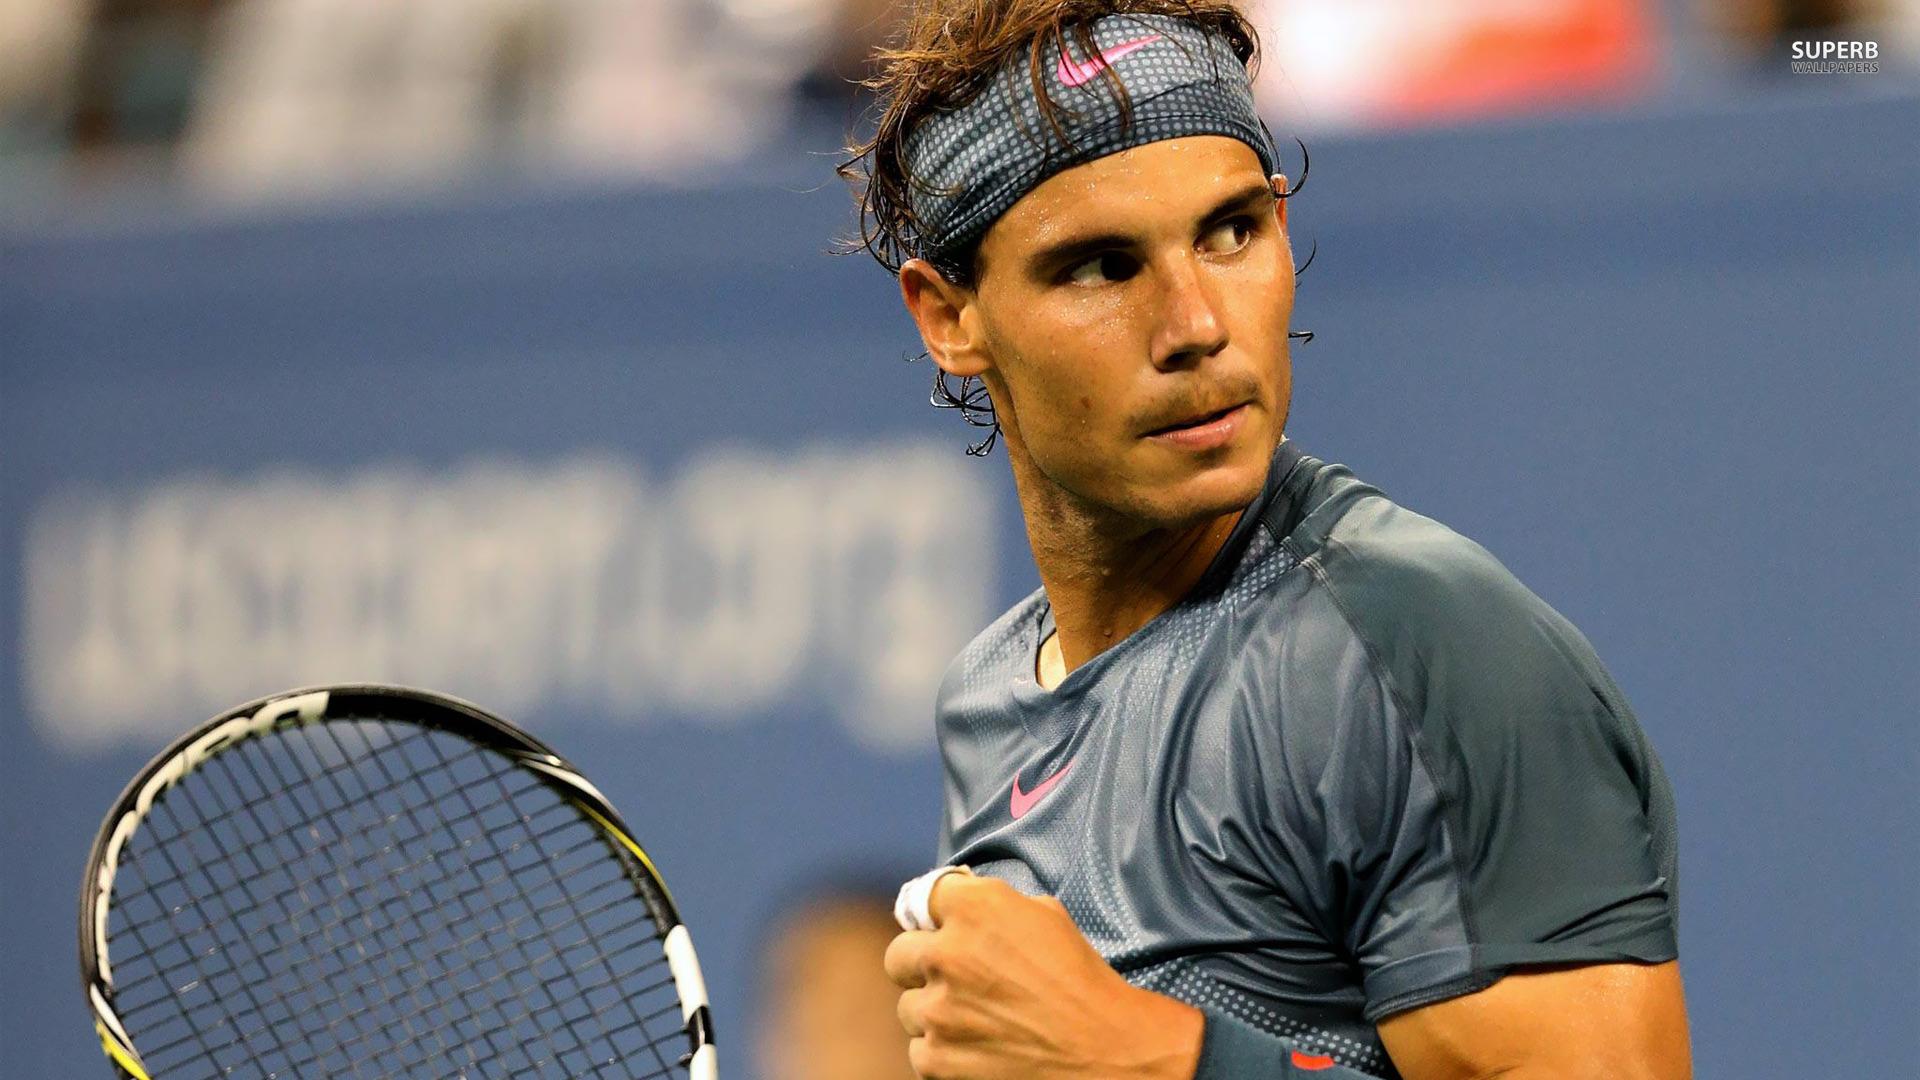 Rafael Nadal wallpaper 1920x1080 64523 1920x1080